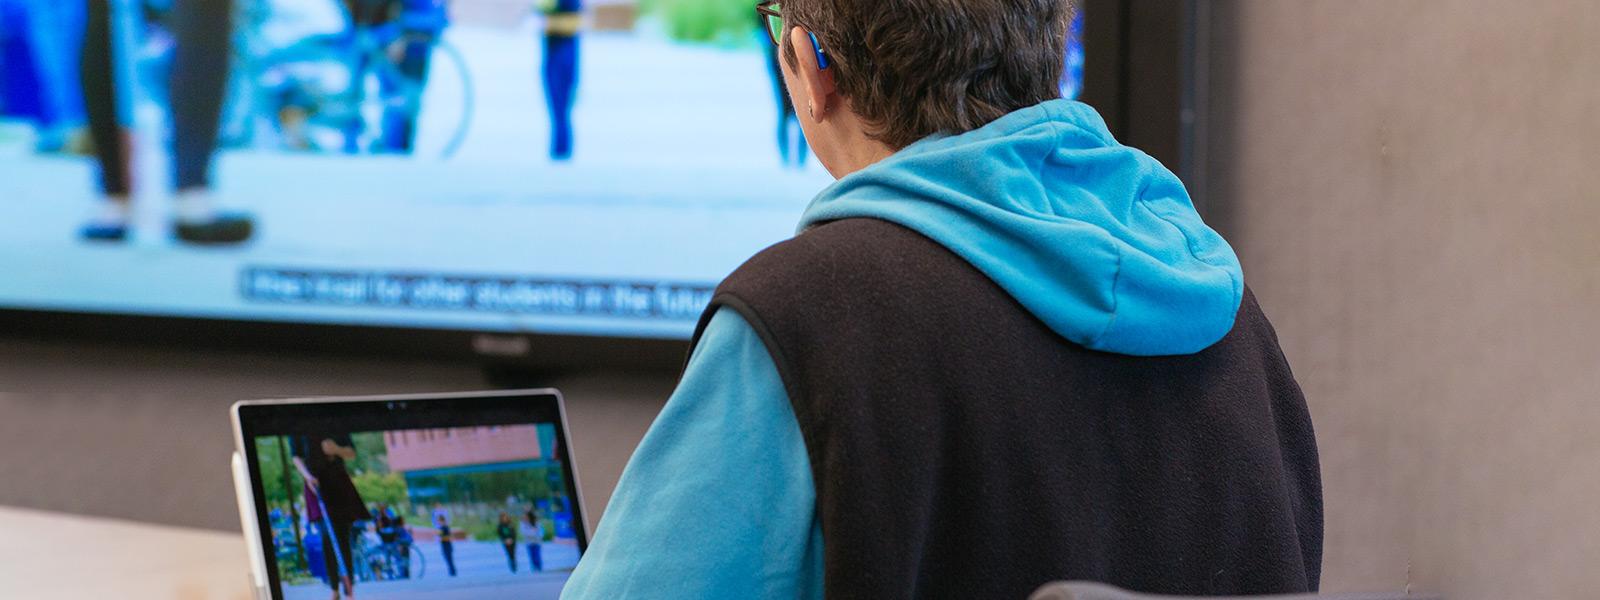 Eine Frau, die ein Hörgerät benutzt, sieht sich eine Videopräsentation mit Untertiteln an